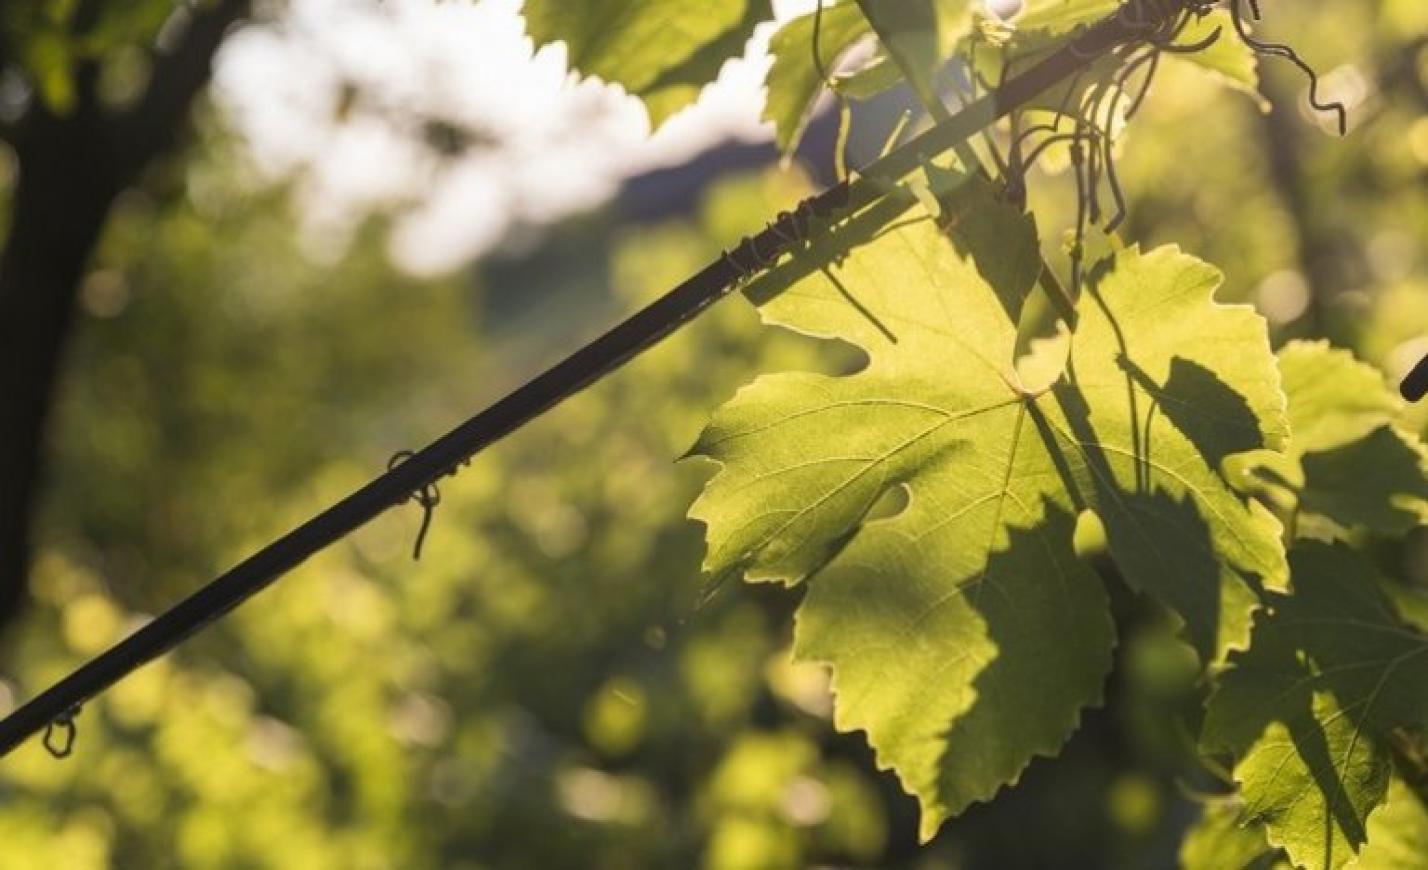 Veszélyben a tokaji borok? 25 éve nem látott jelenség sokkolja a termelőket